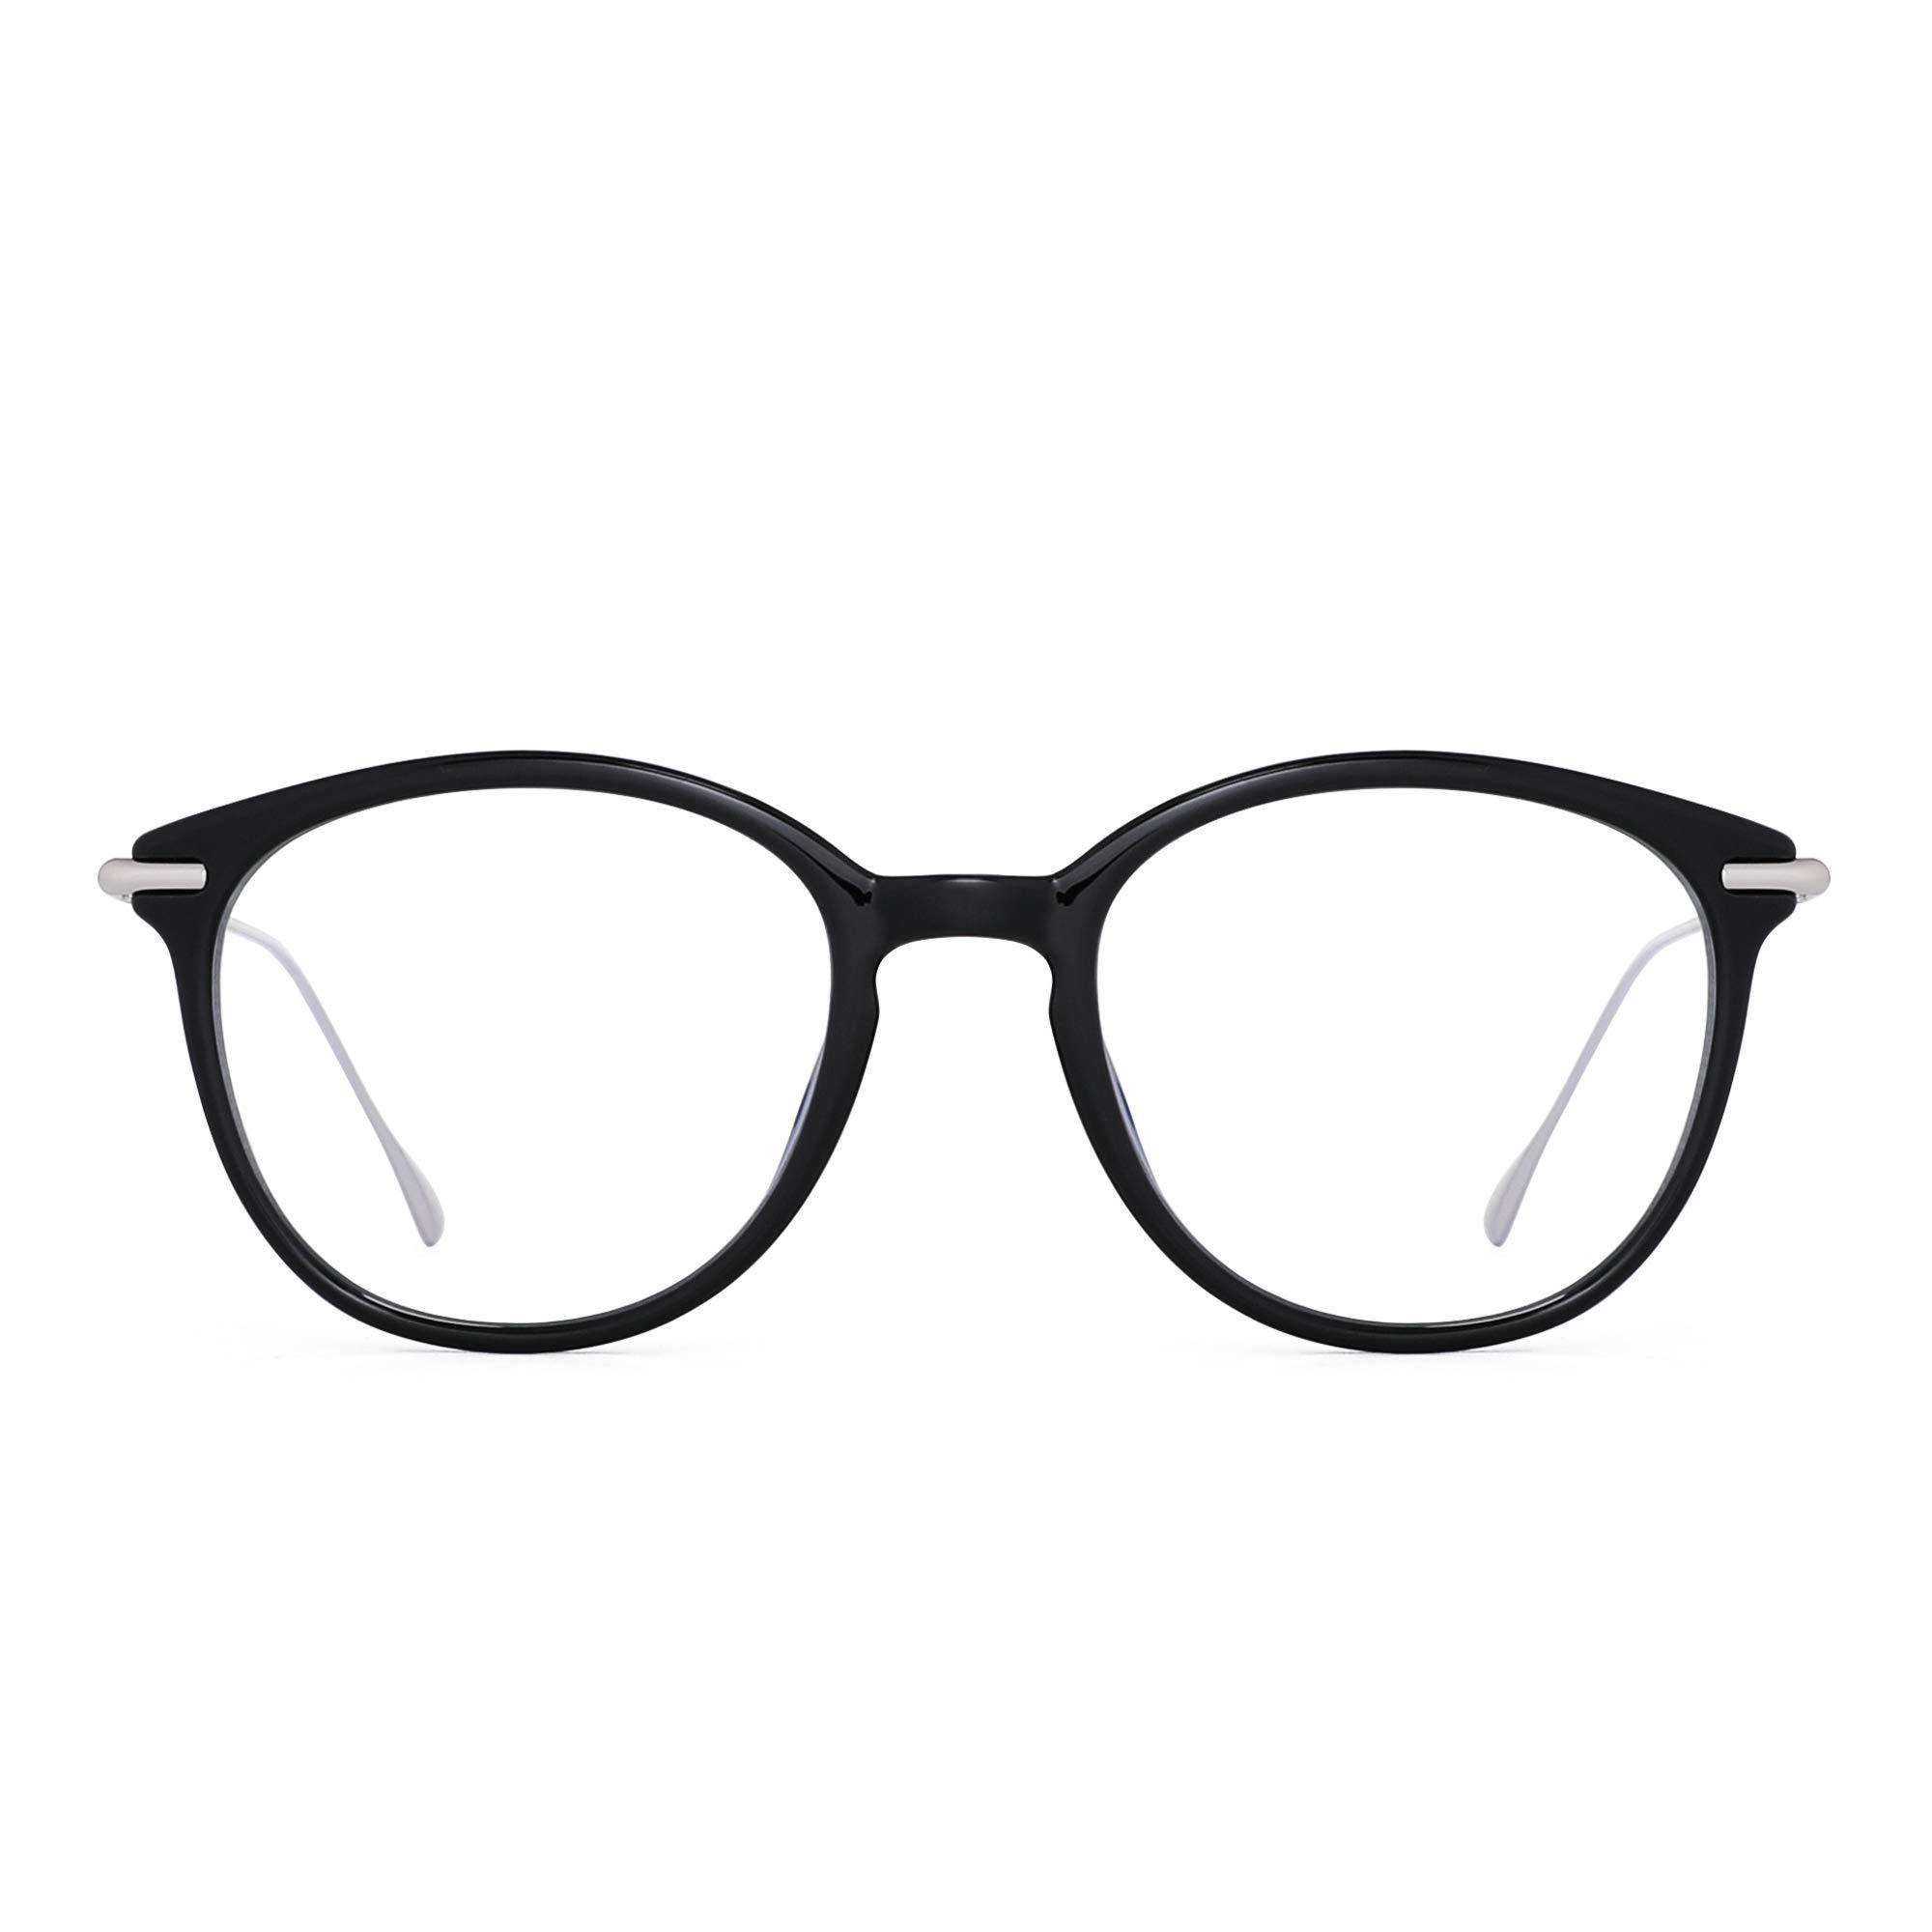 GLINDAR Retro Blue Light Blocking Glasses Reduce Eye Strain Computer Video Game Eyeglasses Men Women